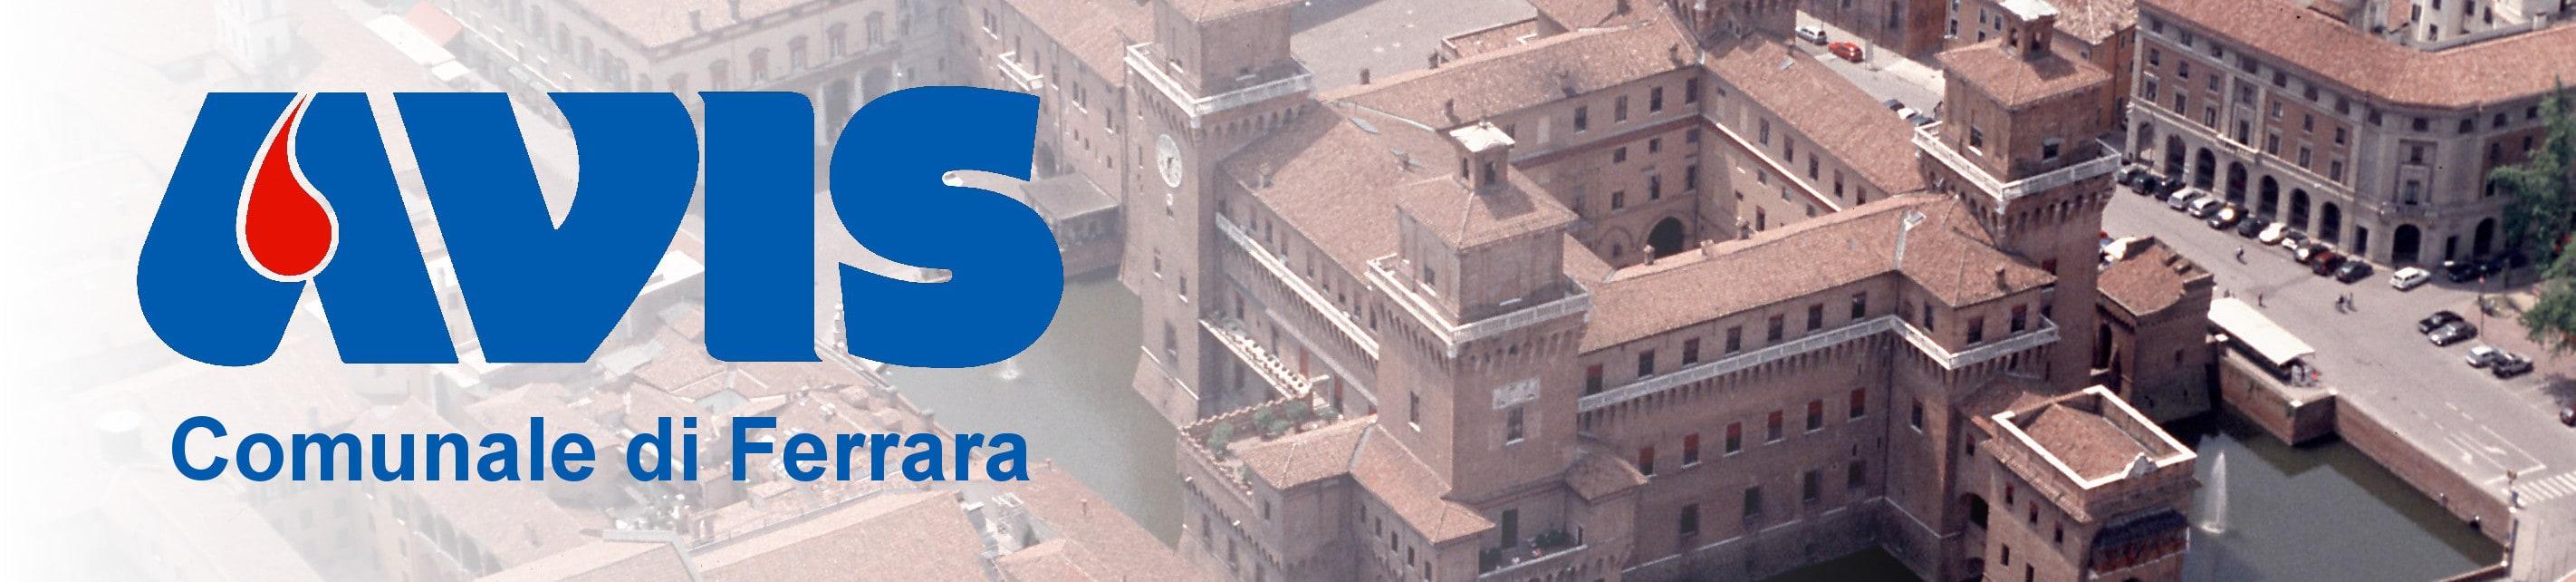 AVIS Comunale di Ferrara